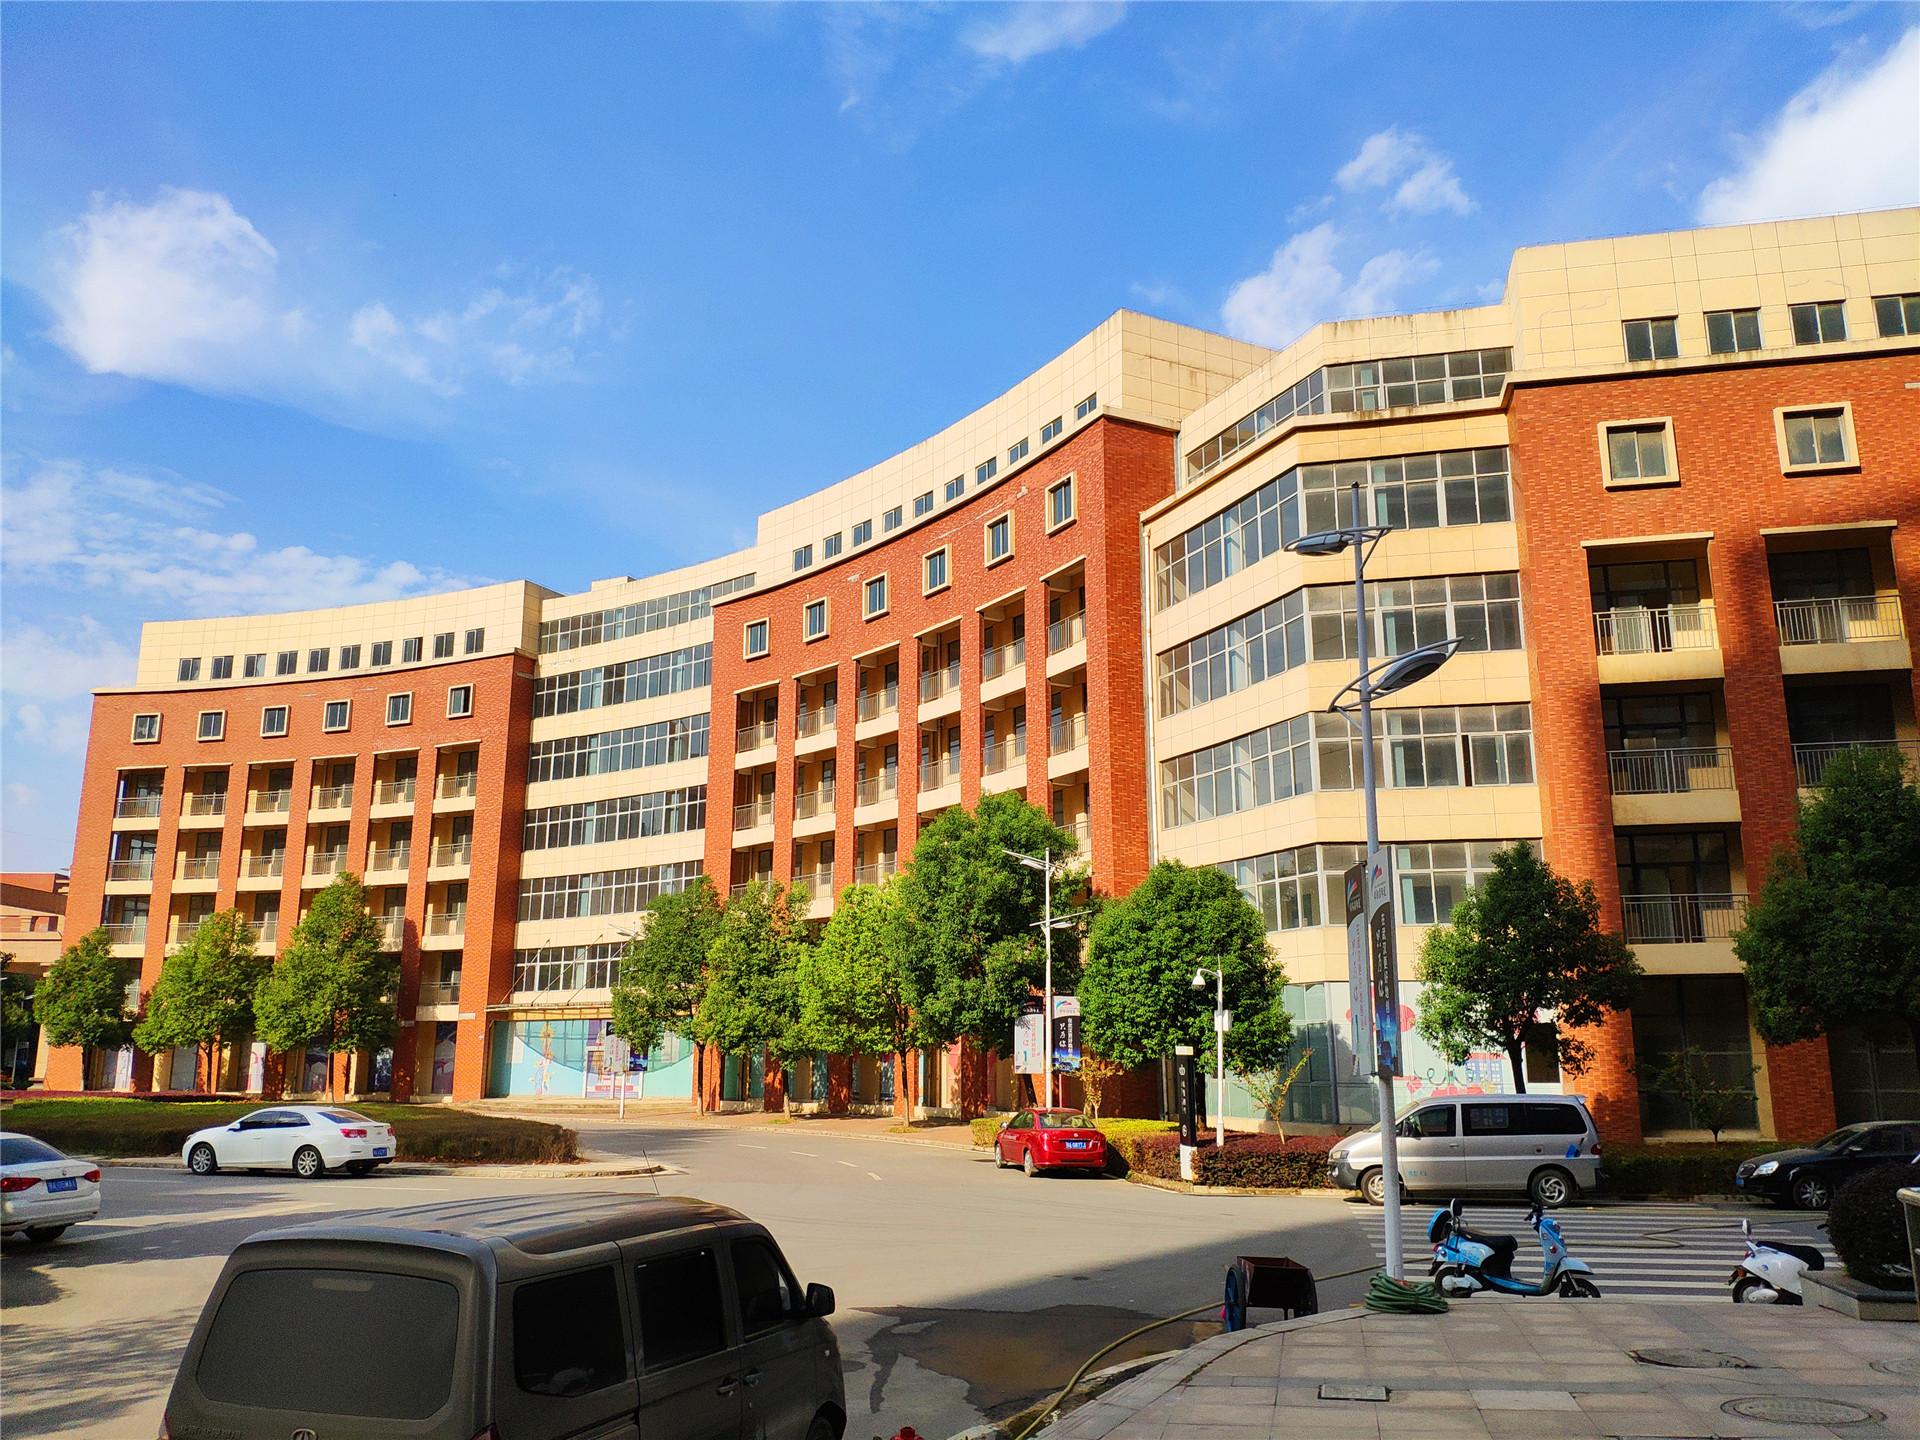 碧桂园汉口北公寓项目正式启动!